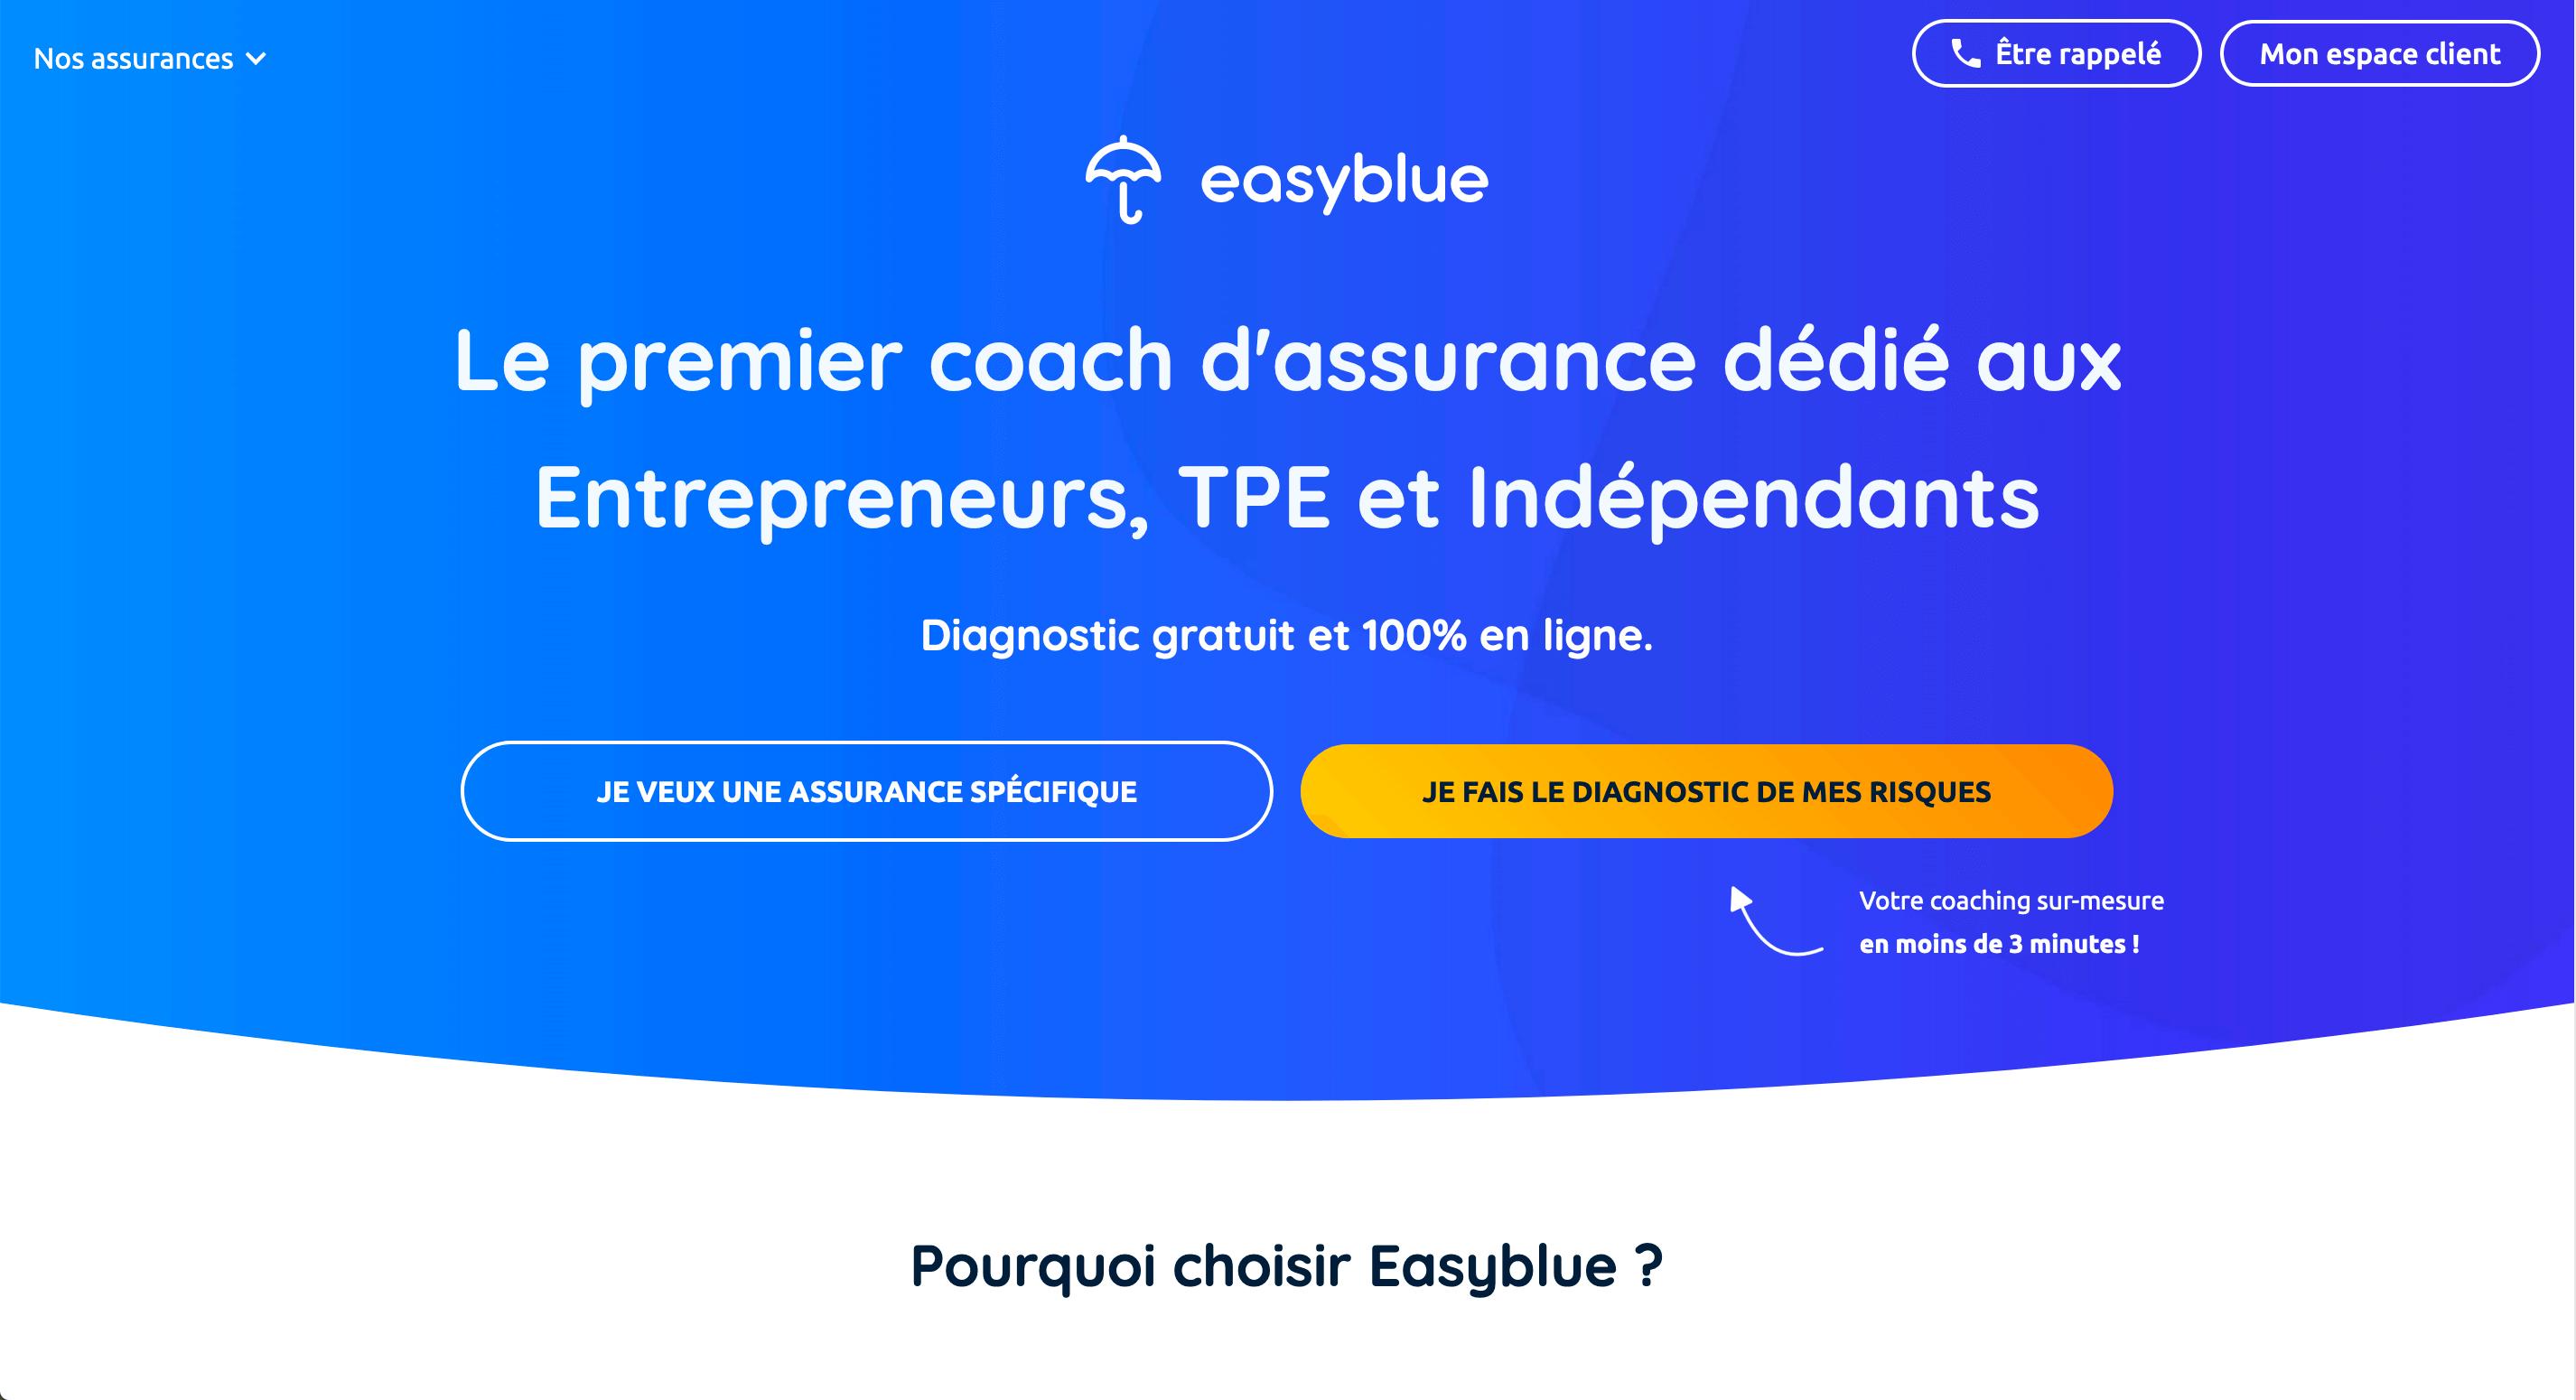 Easyblue